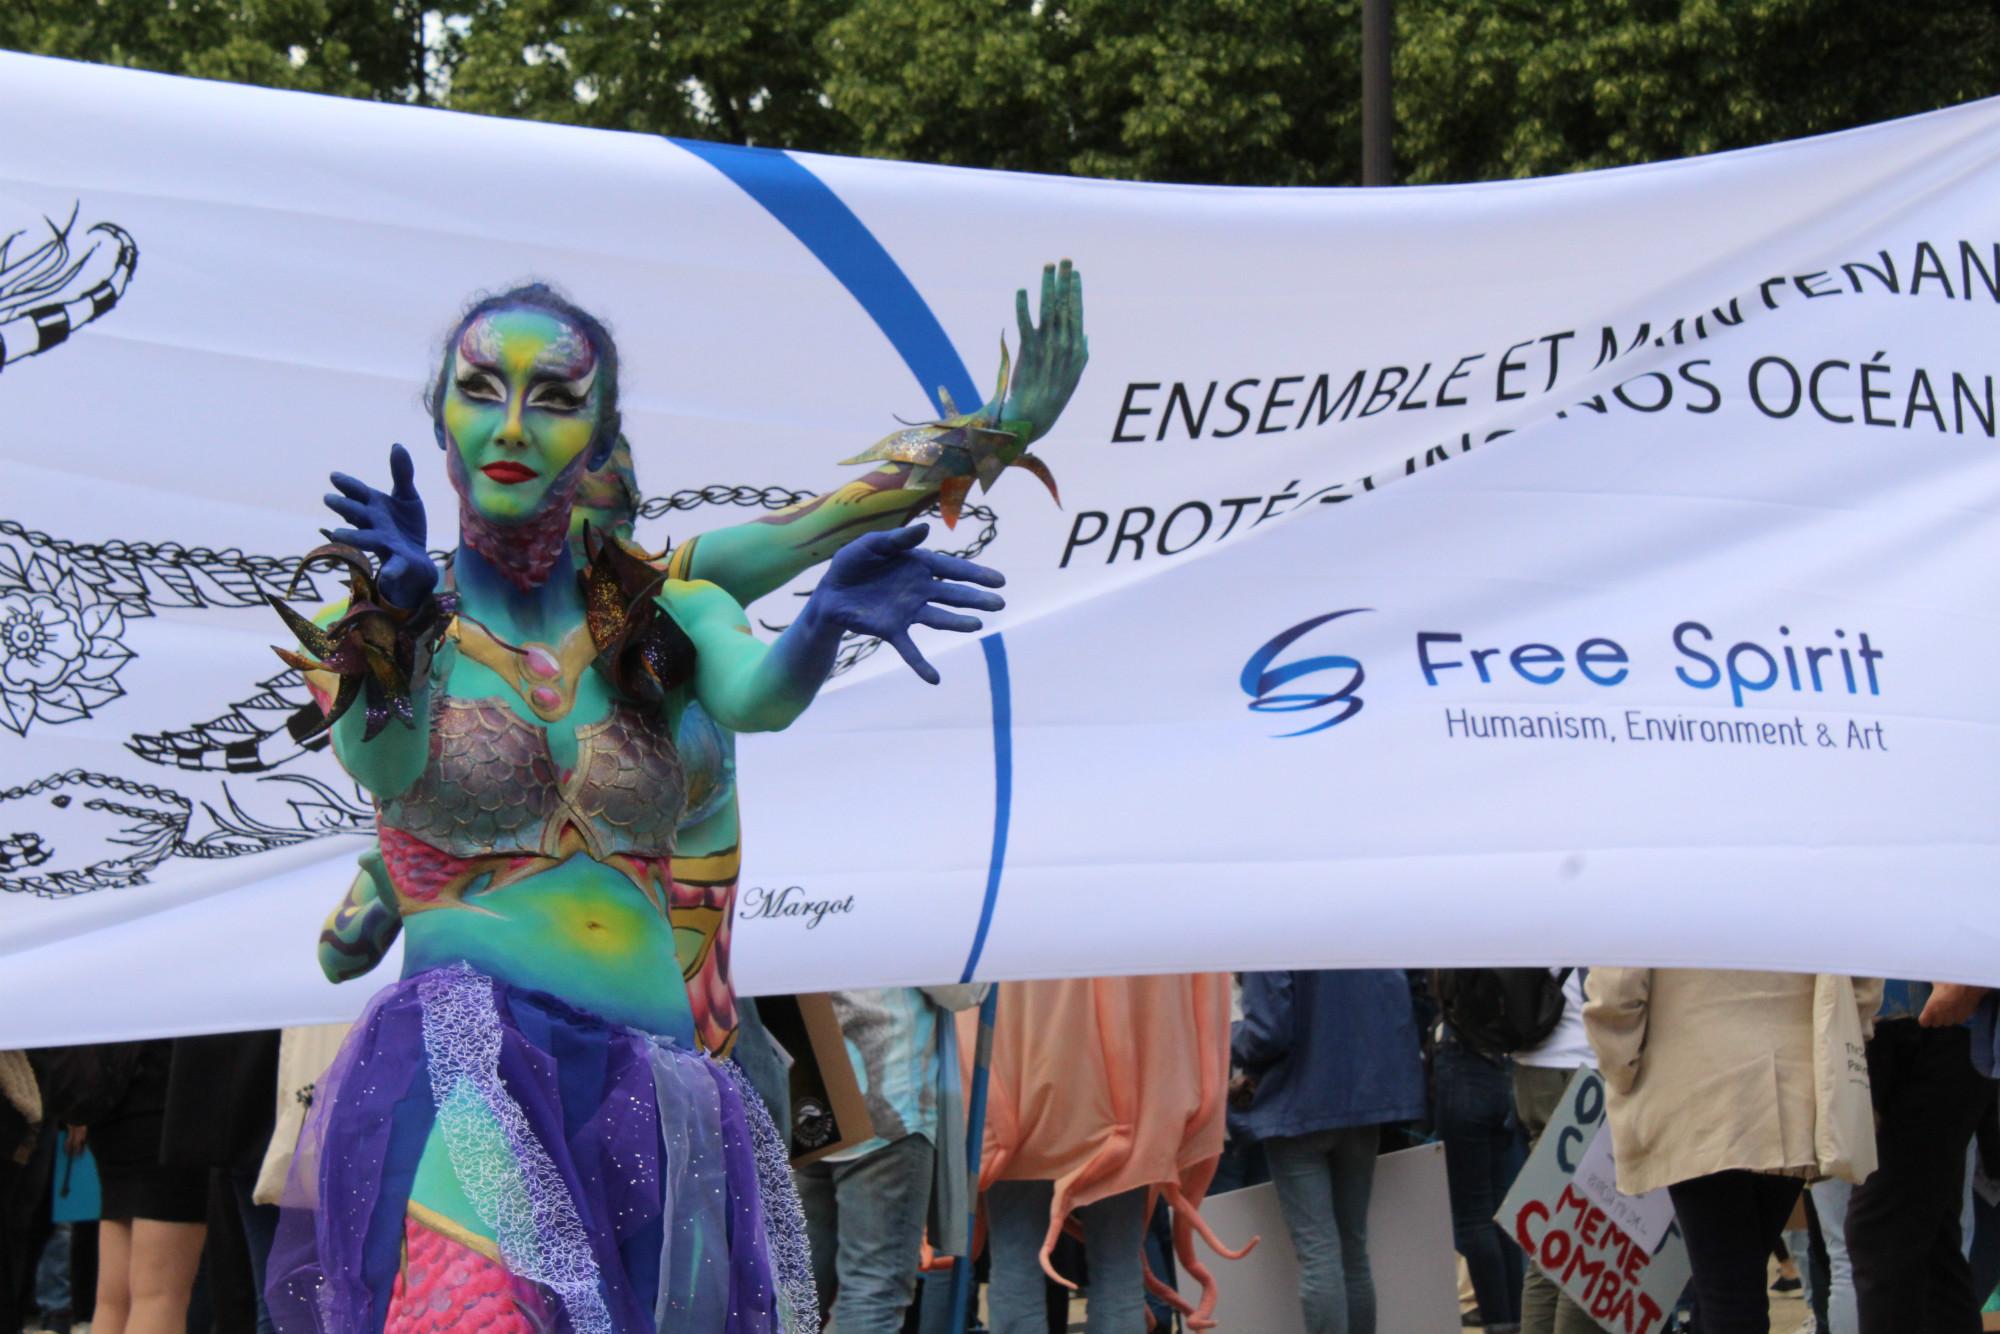 En amont de la Marche, une performance dansée a été présentée par des danseuses maquillées en sirènes / ©Cypriane El-Chami